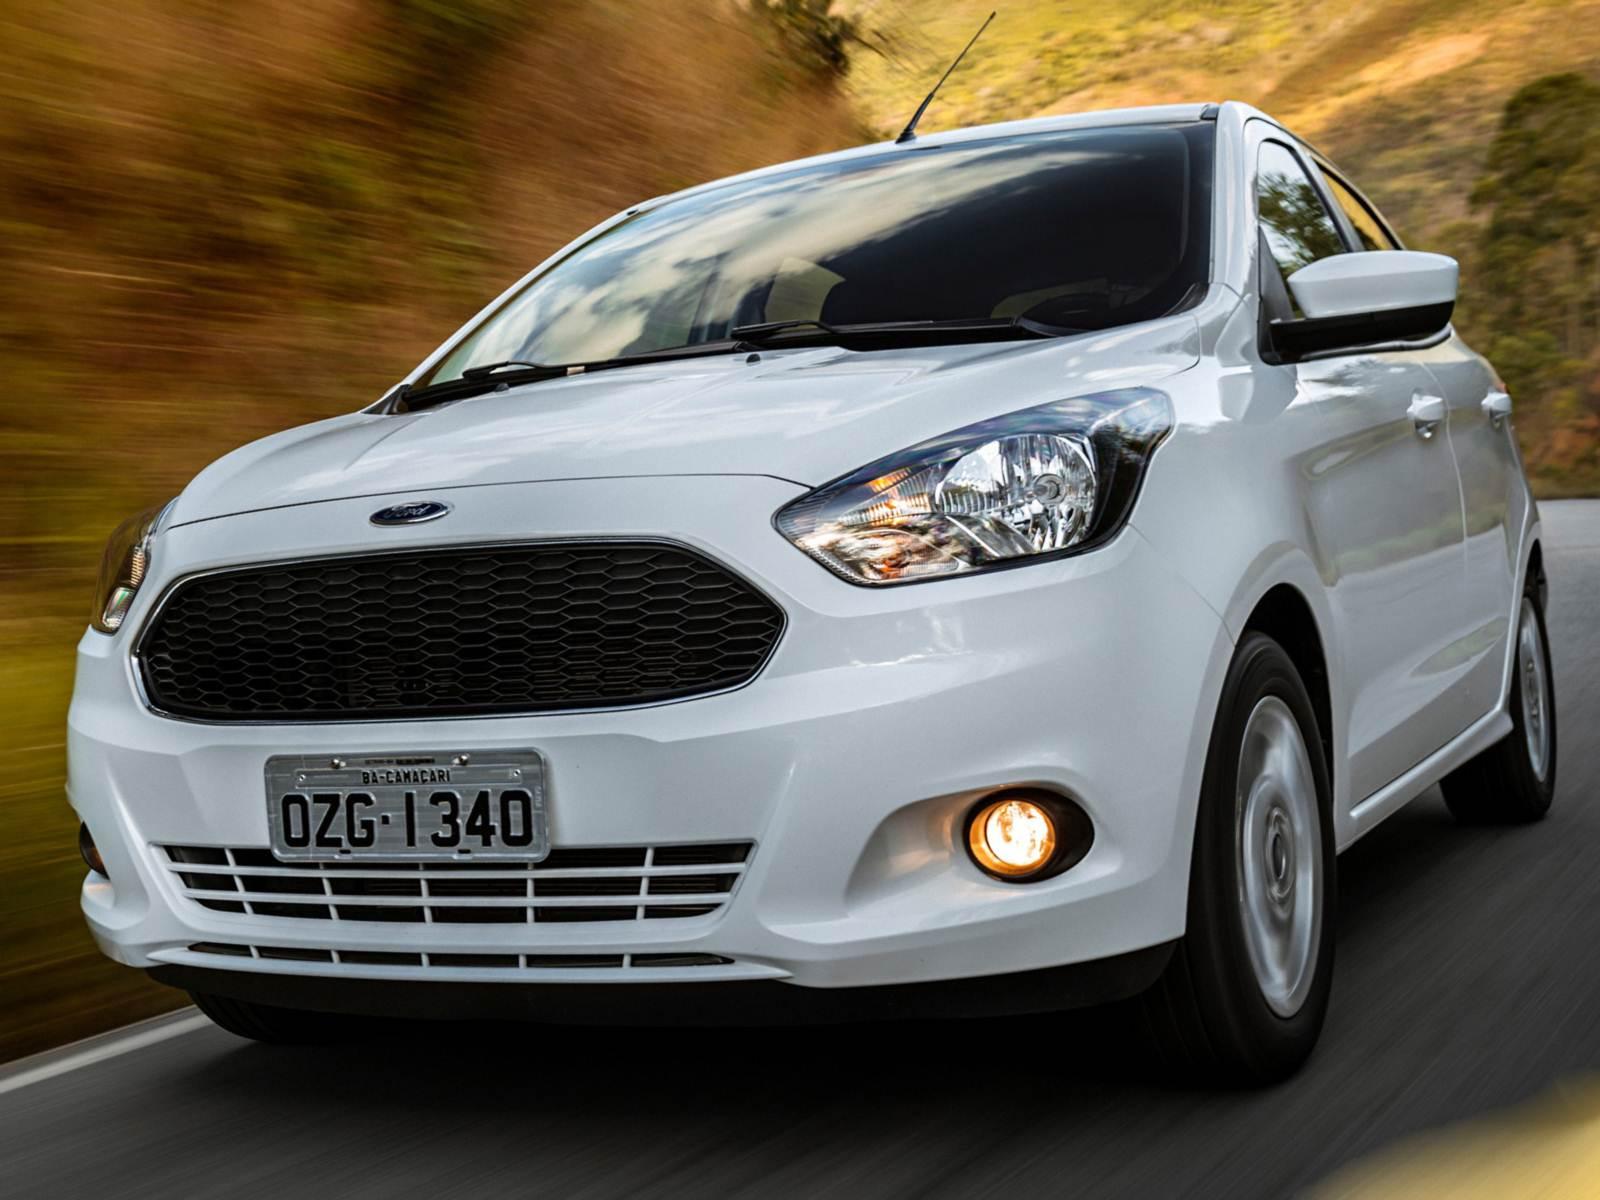 Ford Desenvolve Novo Motor V Para A India E Motor Pode Chegar Para O Brasil Com Ate Cv